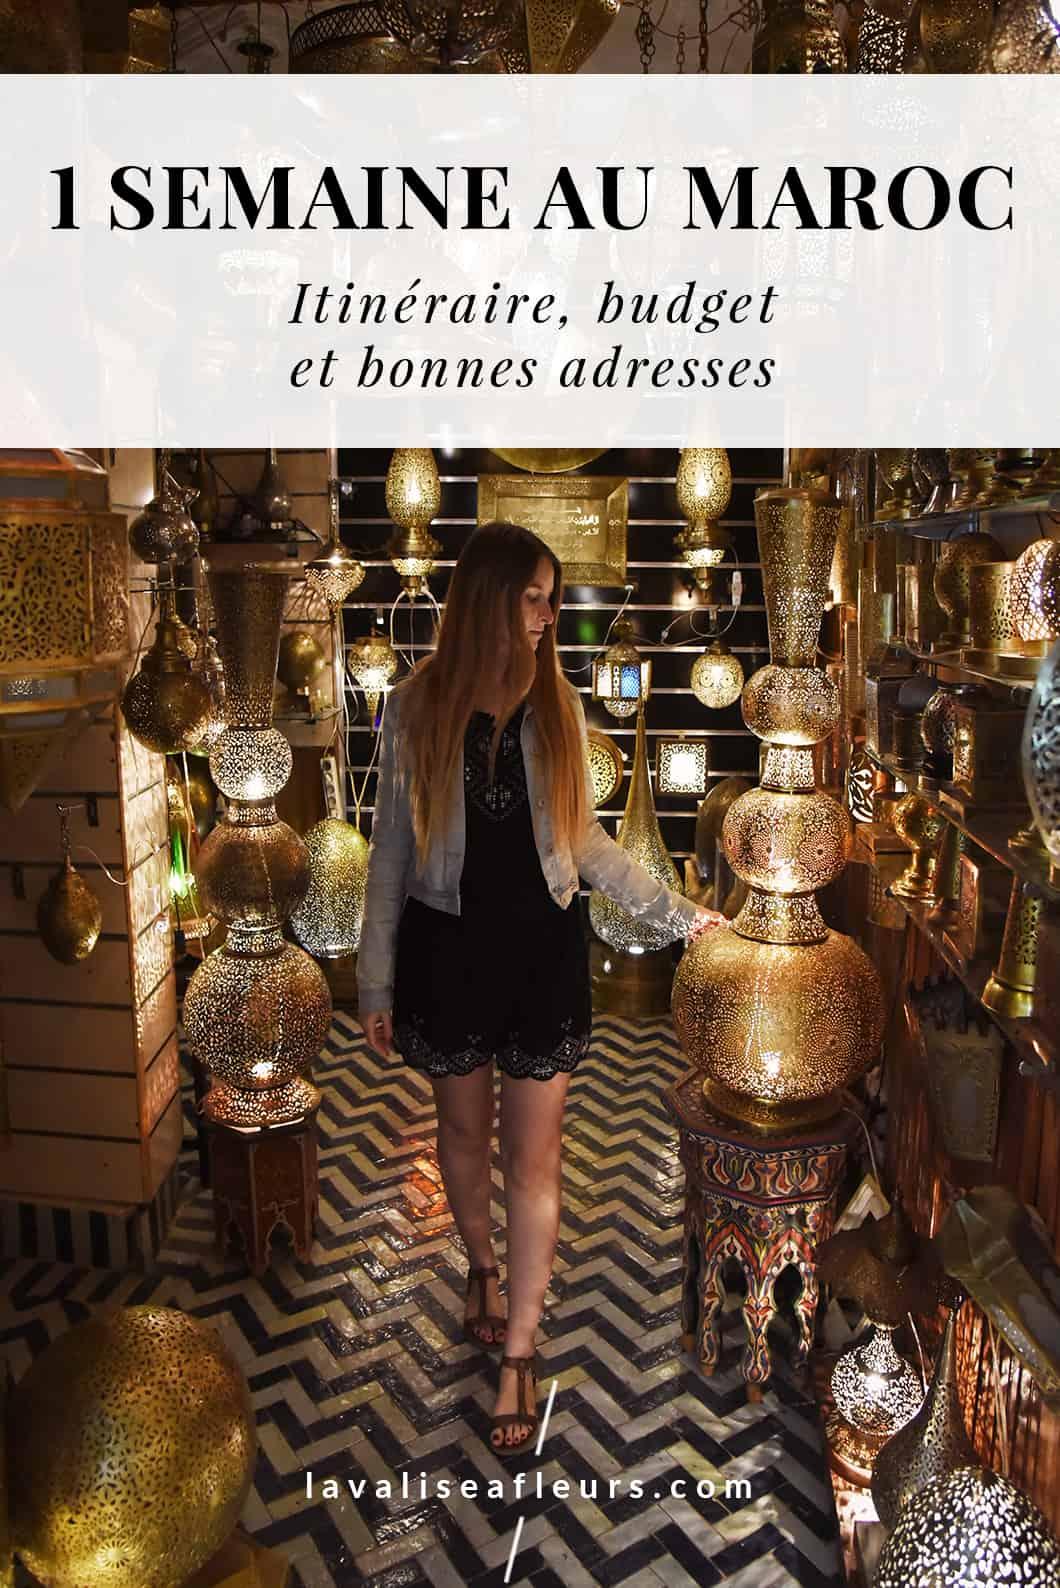 Itinéraire, budget, activités et bonnes adresses au Maroc